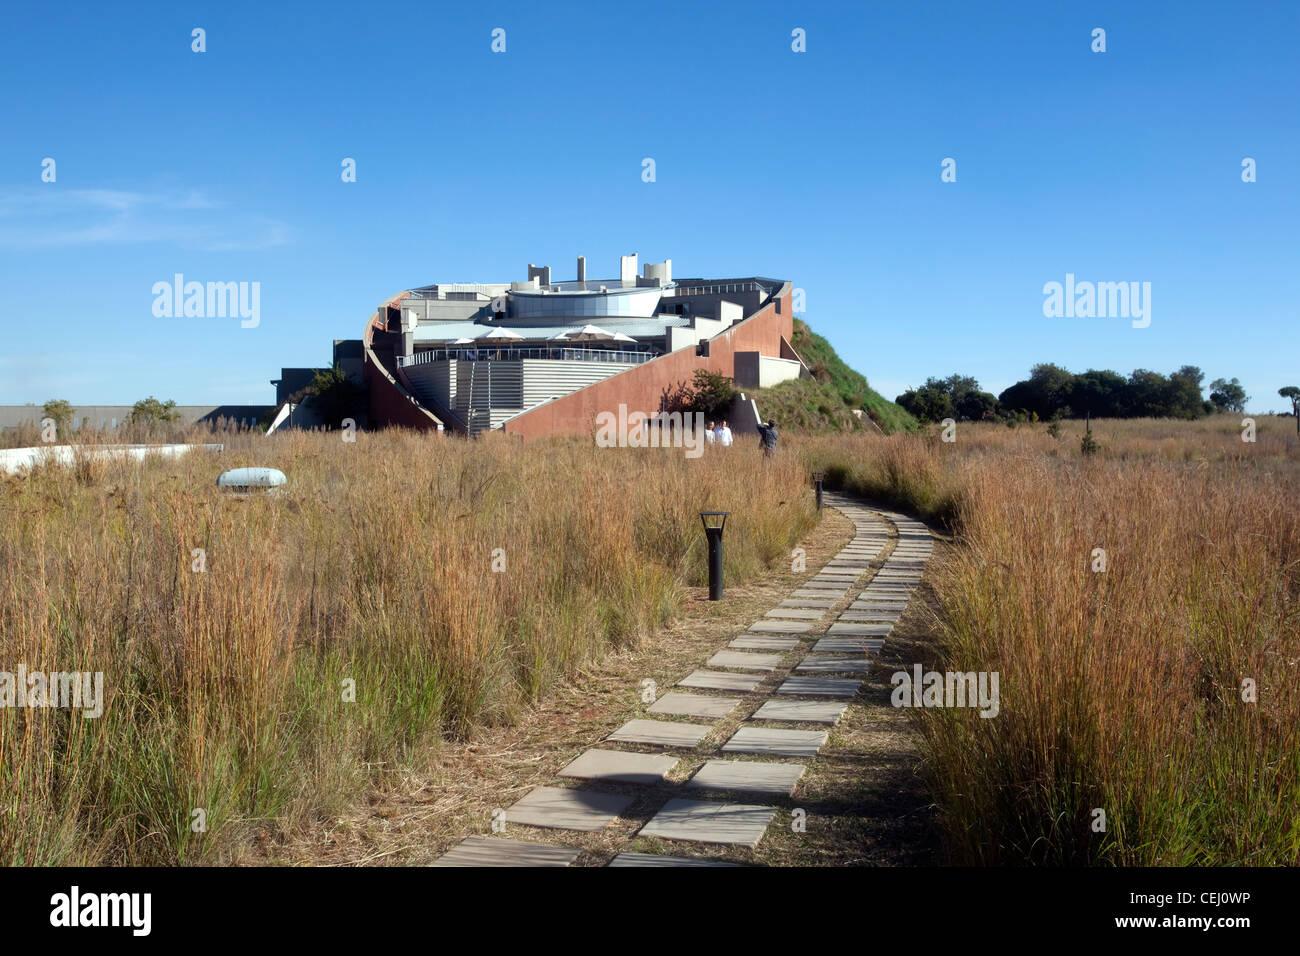 Maropeng, cuna de la humanidad, Johannesburgo, Gauteng. Imagen De Stock